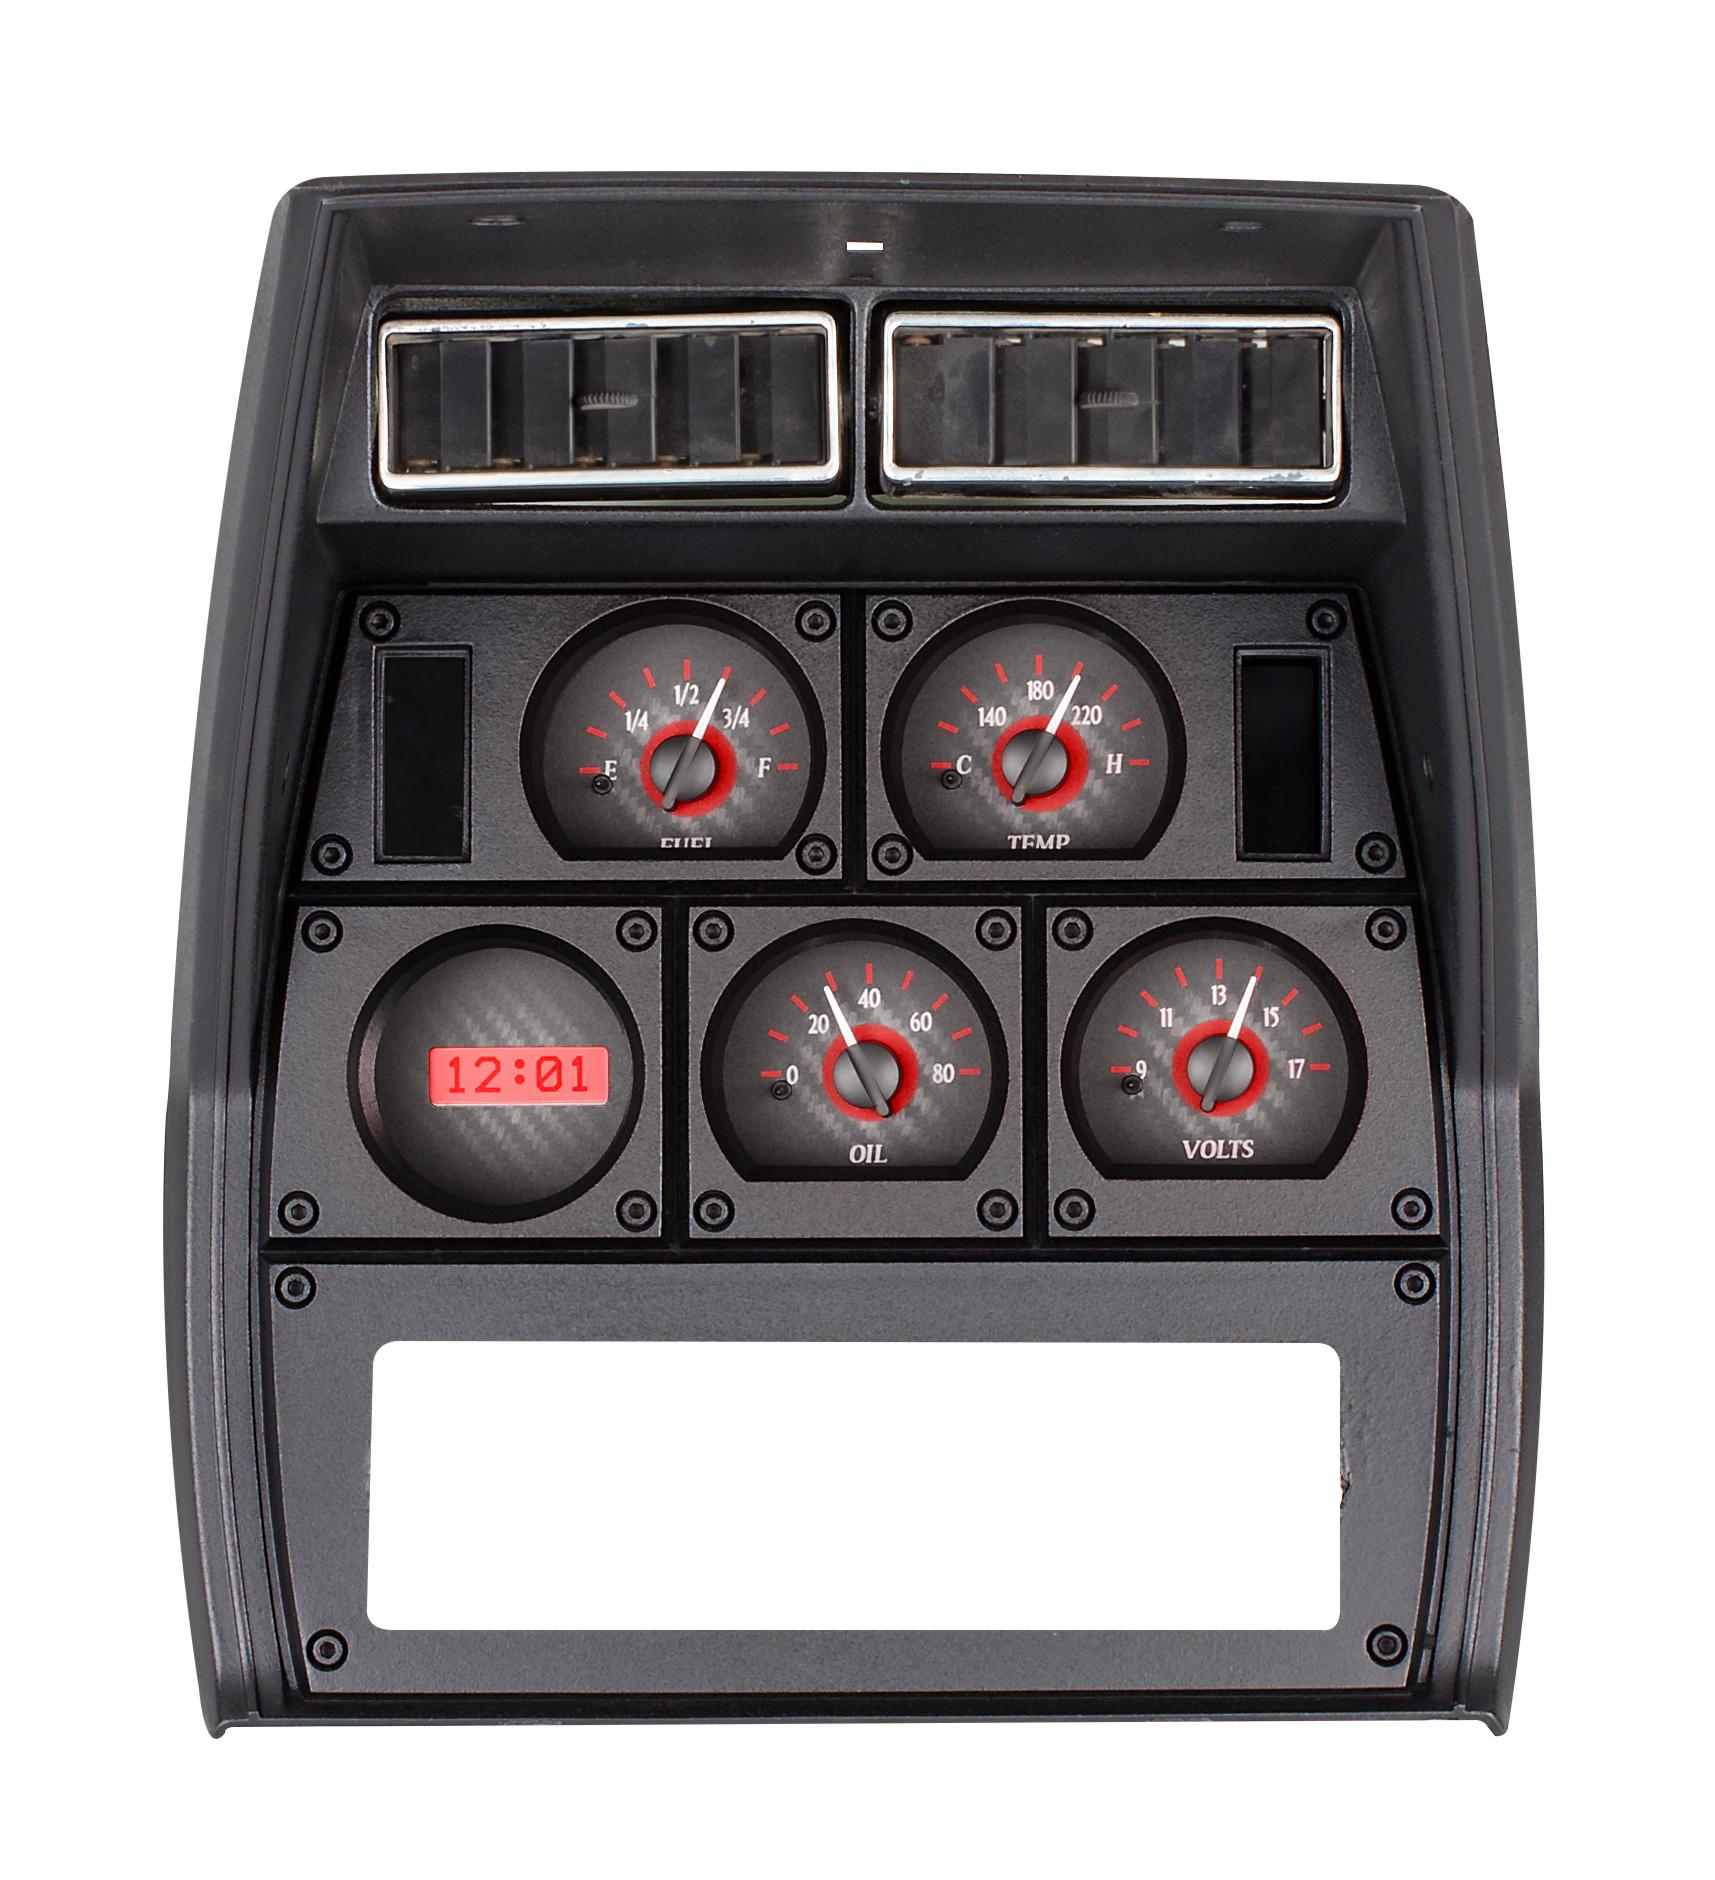 1982 Corvette Gauges : Corvette dakota digital vhx gauges custom